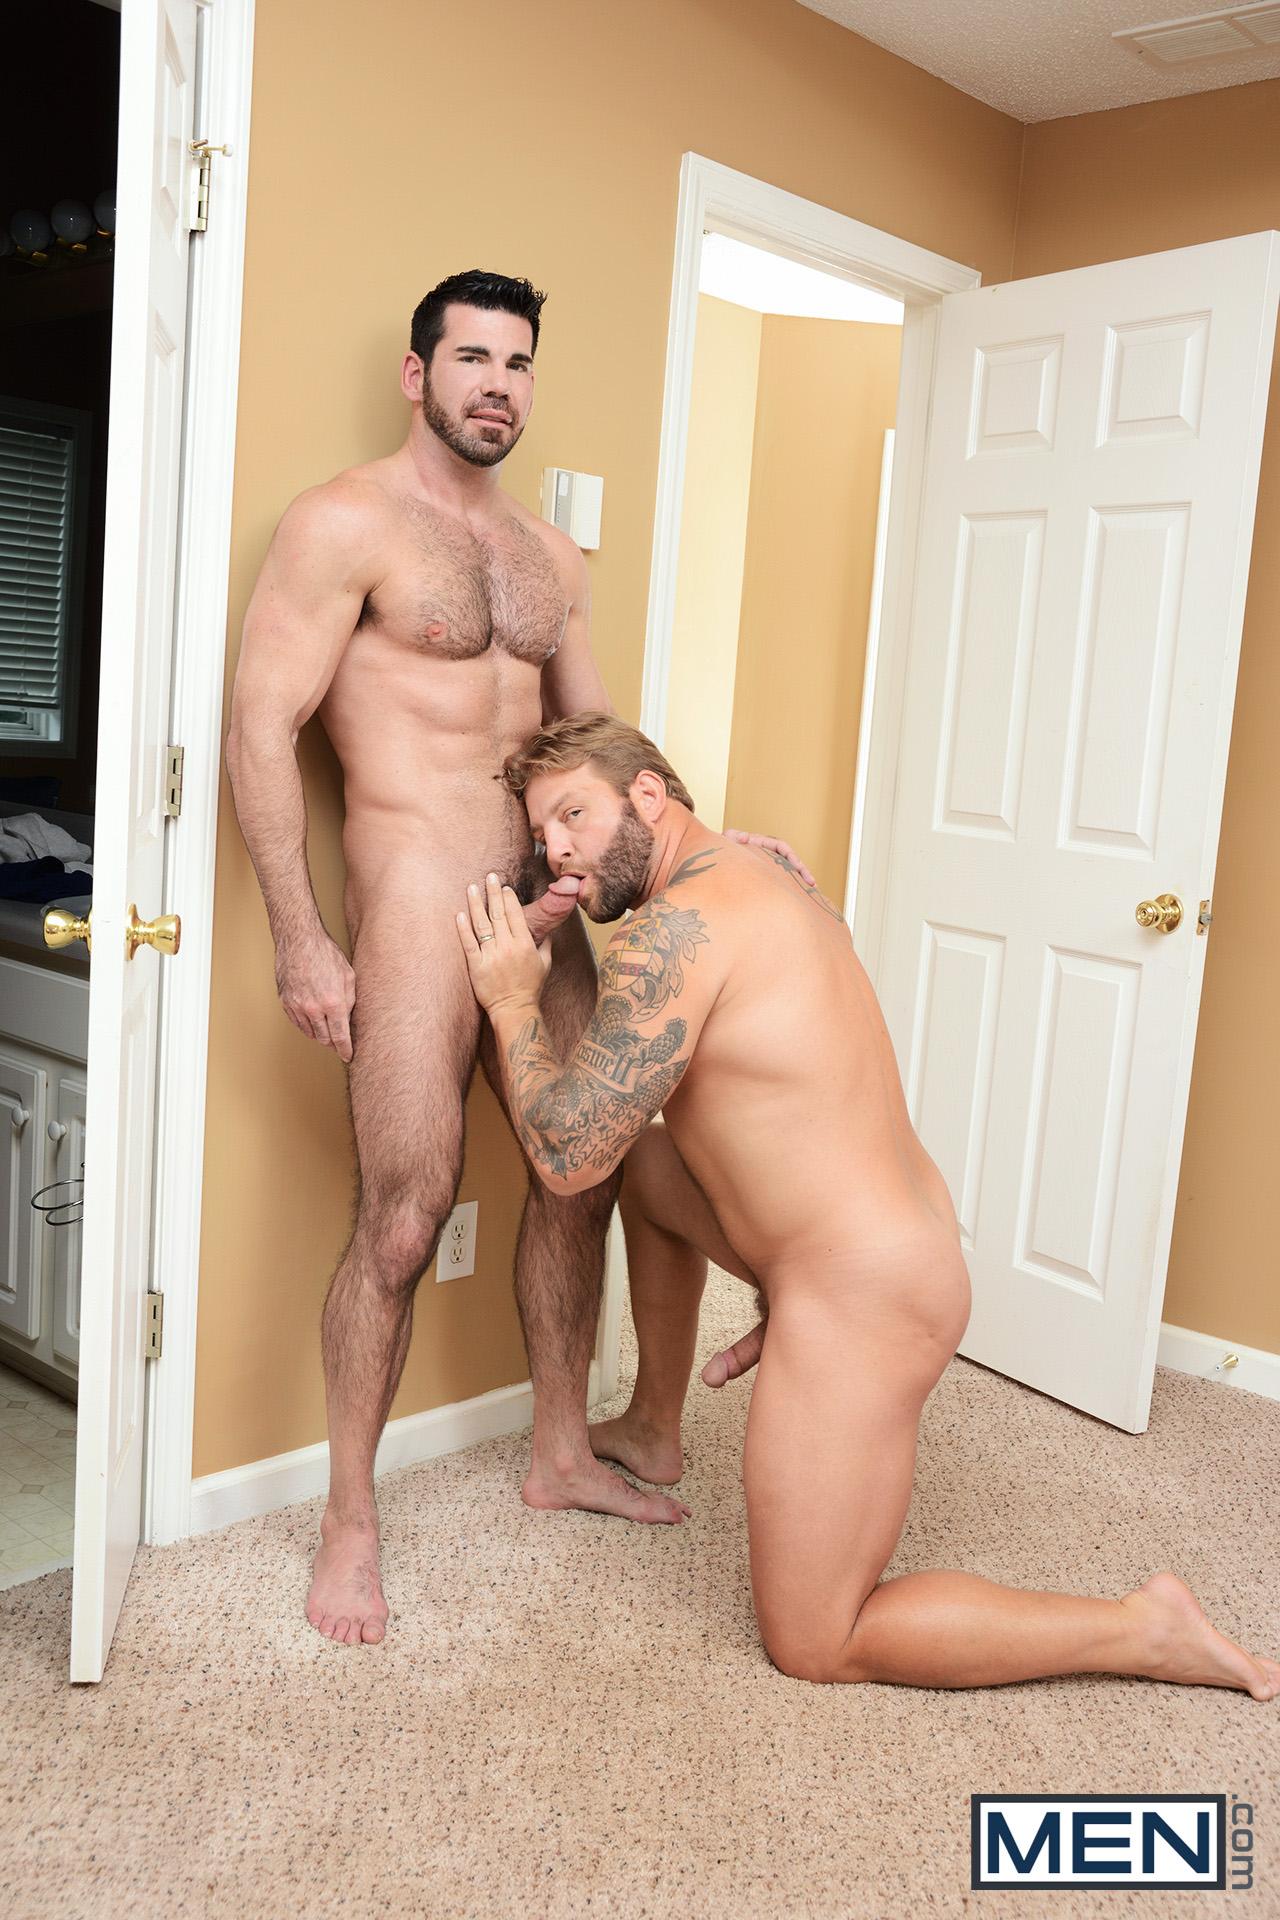 Naked Straight Married Men Tumblr  Hot Girl Hd Wallpaper-8034